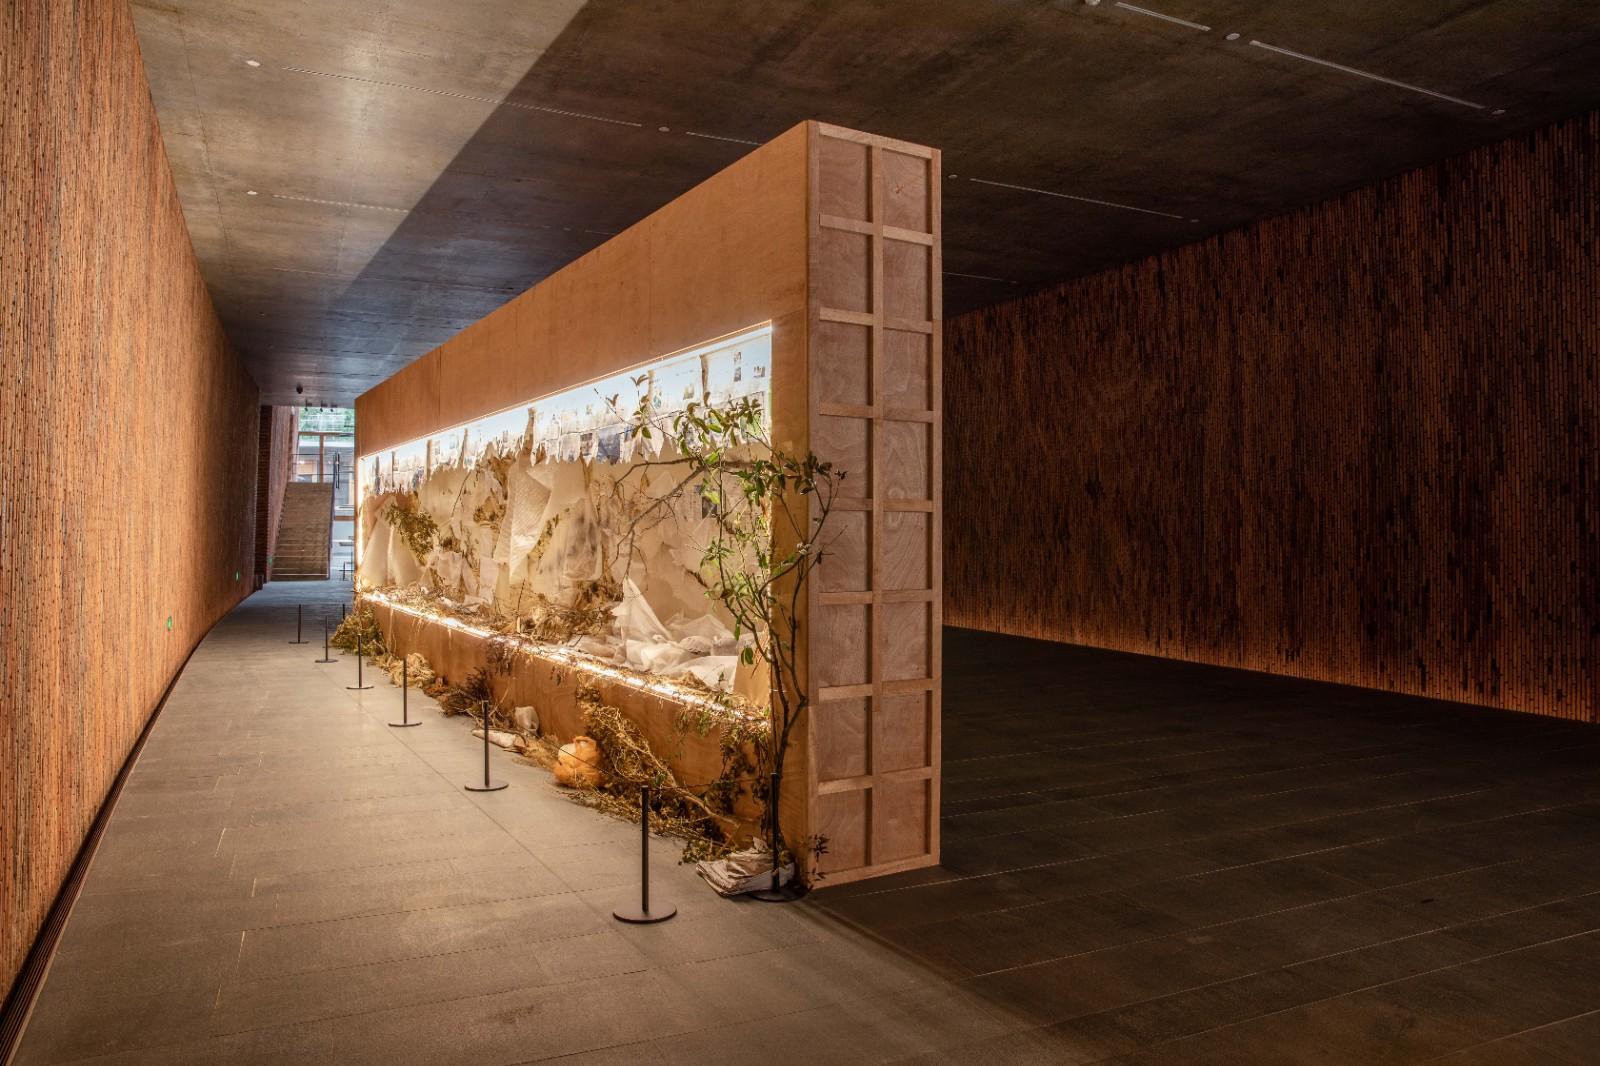 徐冰《背后的故事:溪山无尽图》综合媒材装置/磨砂玻璃后的各种材料及装置,180cm×1080cm,2014年2.jpg